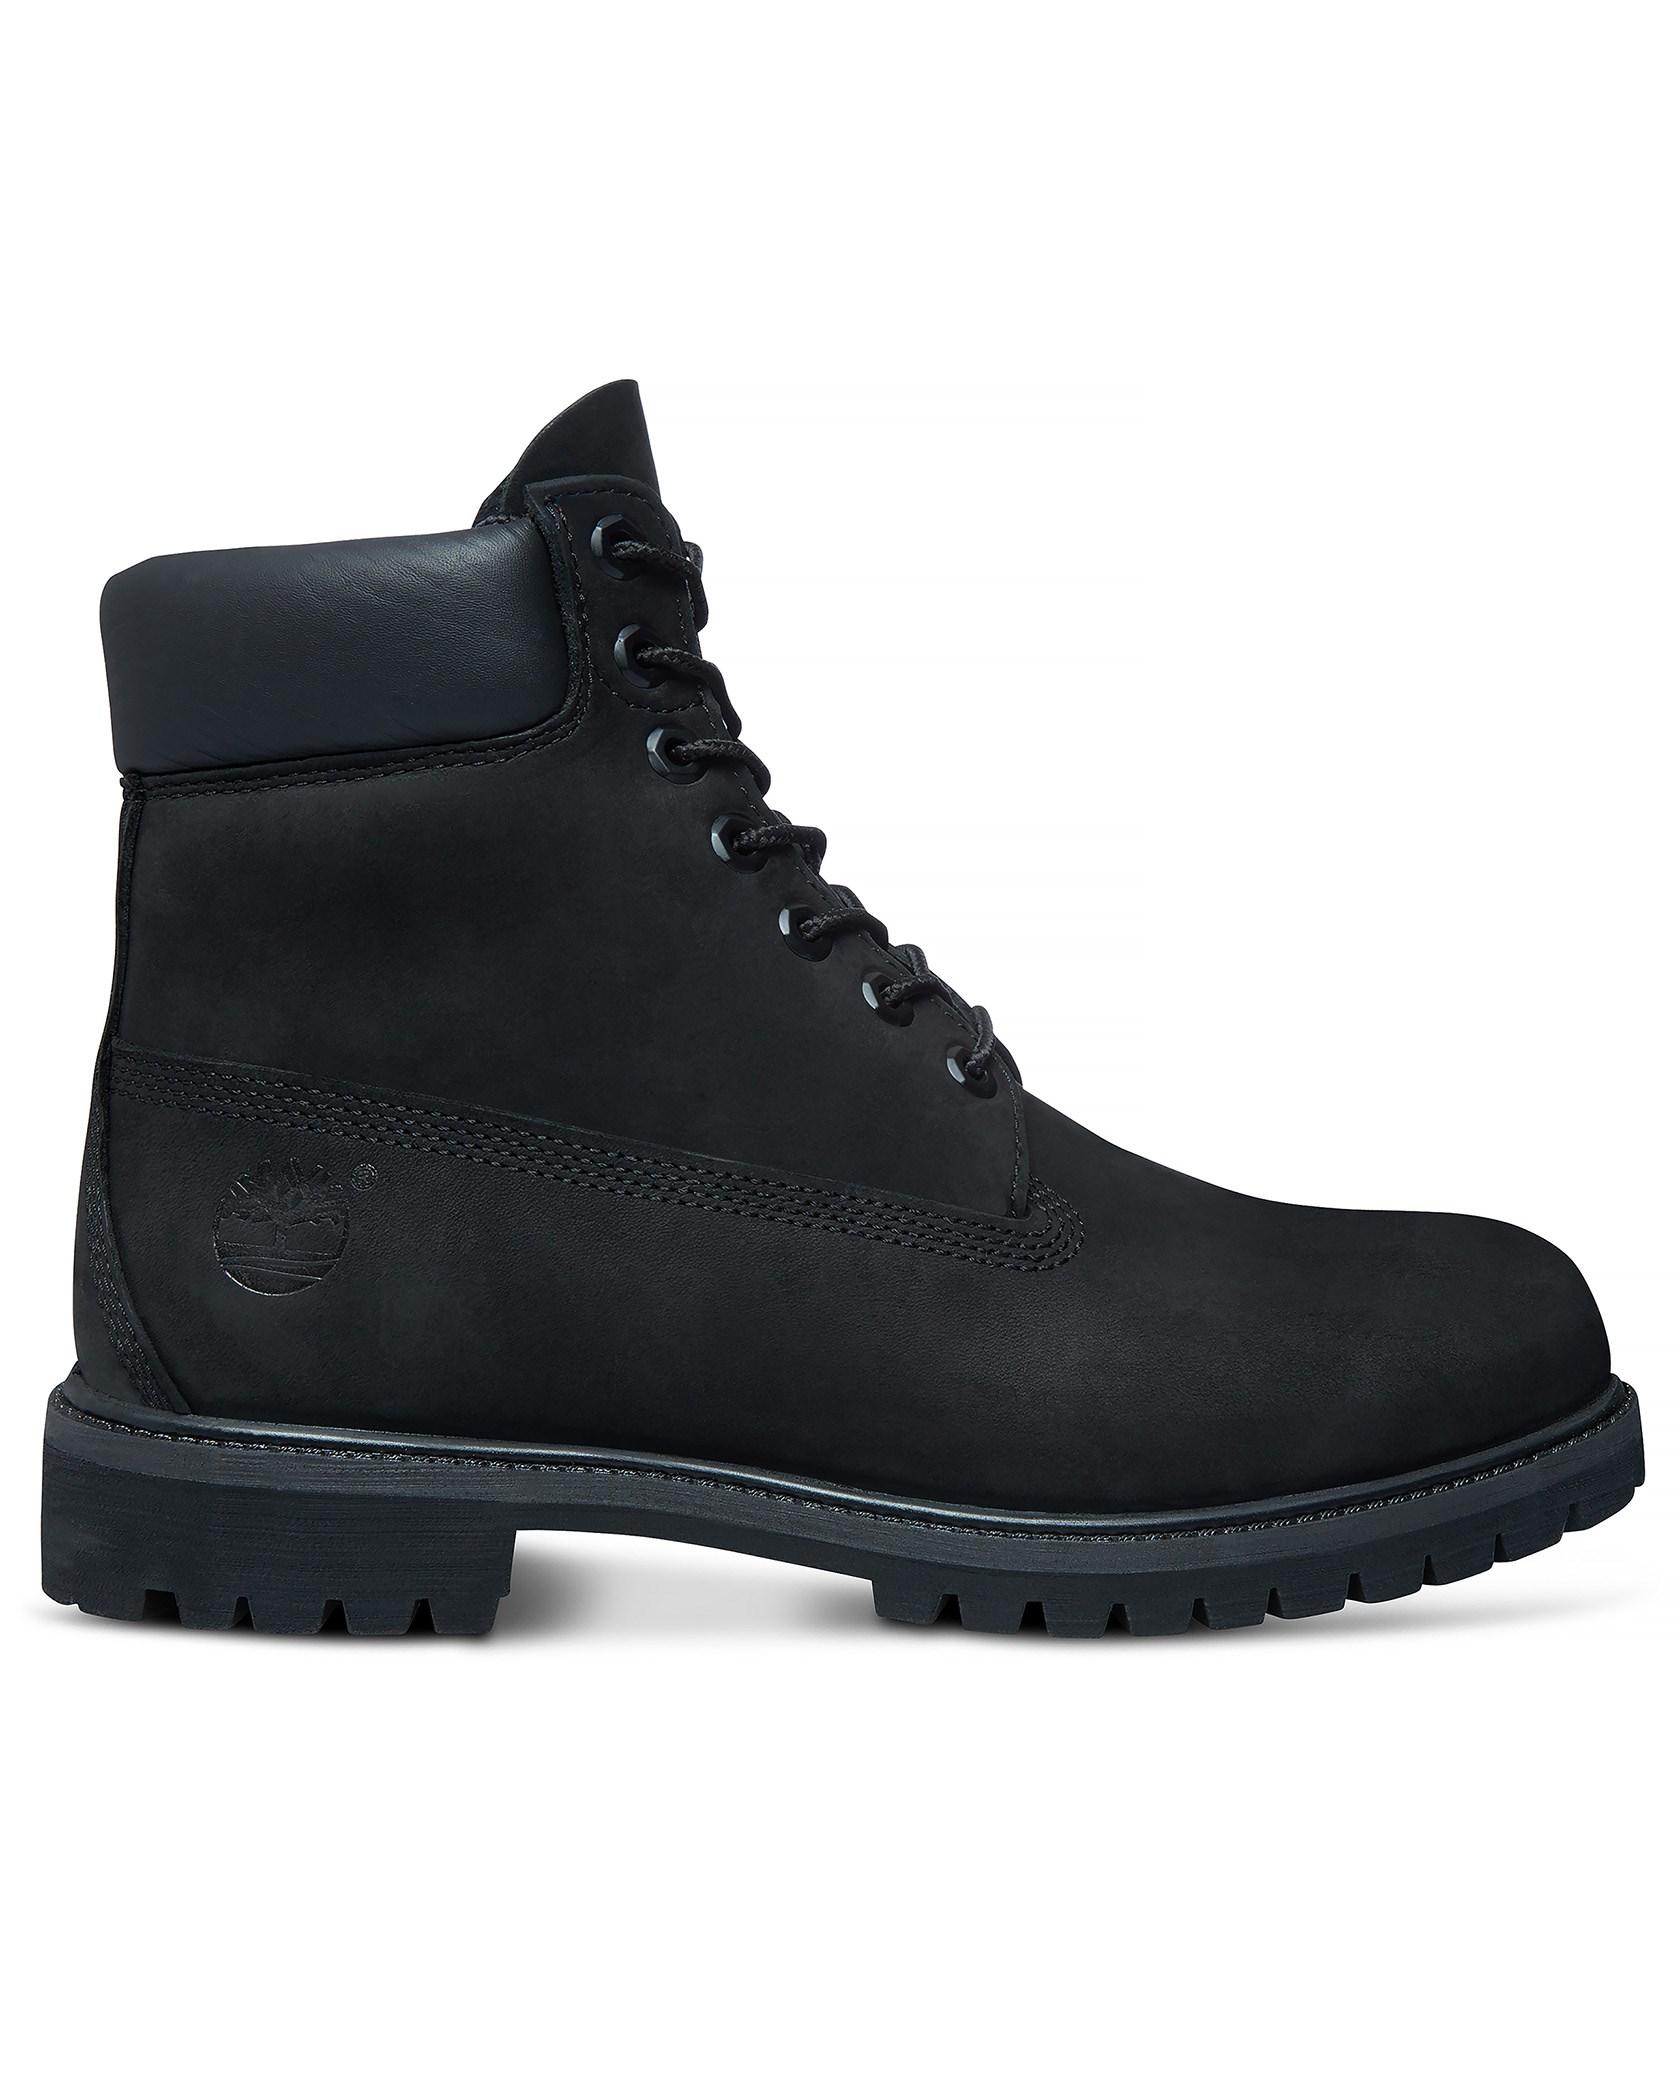 6d0135afb25 6 Inch Premium M Black/Black